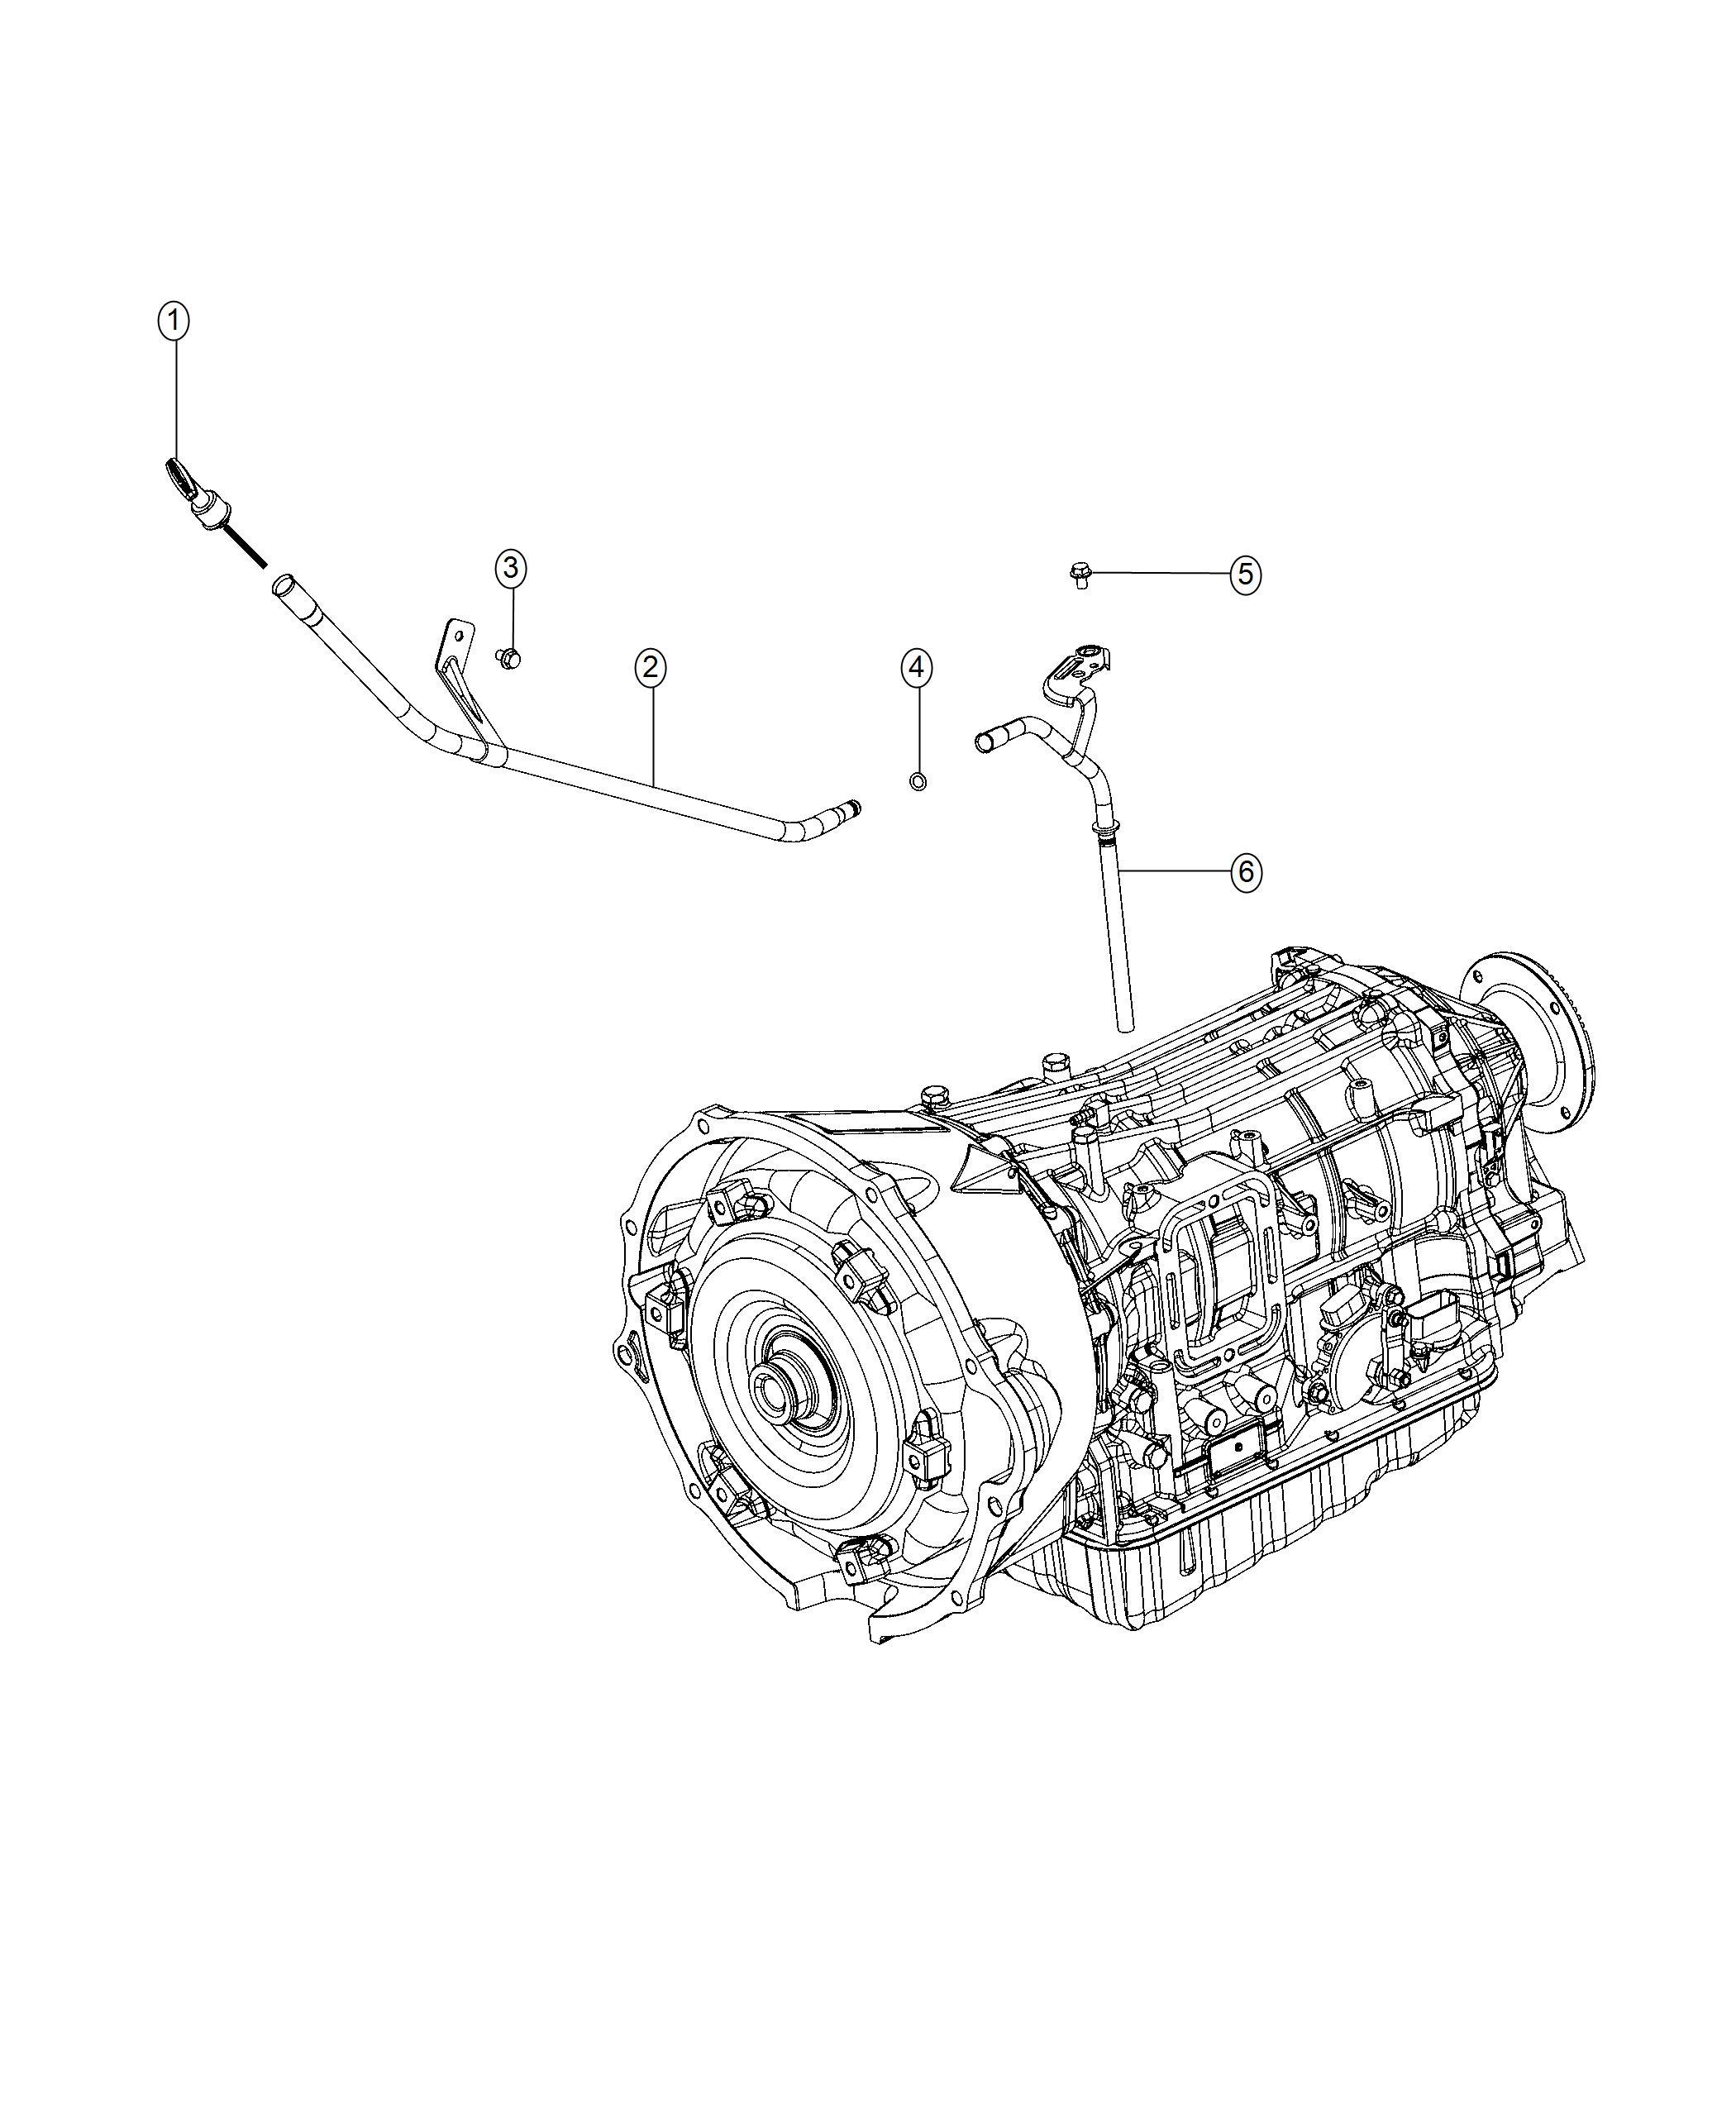 Ram Indicator Transmission Fluid Level Body 94